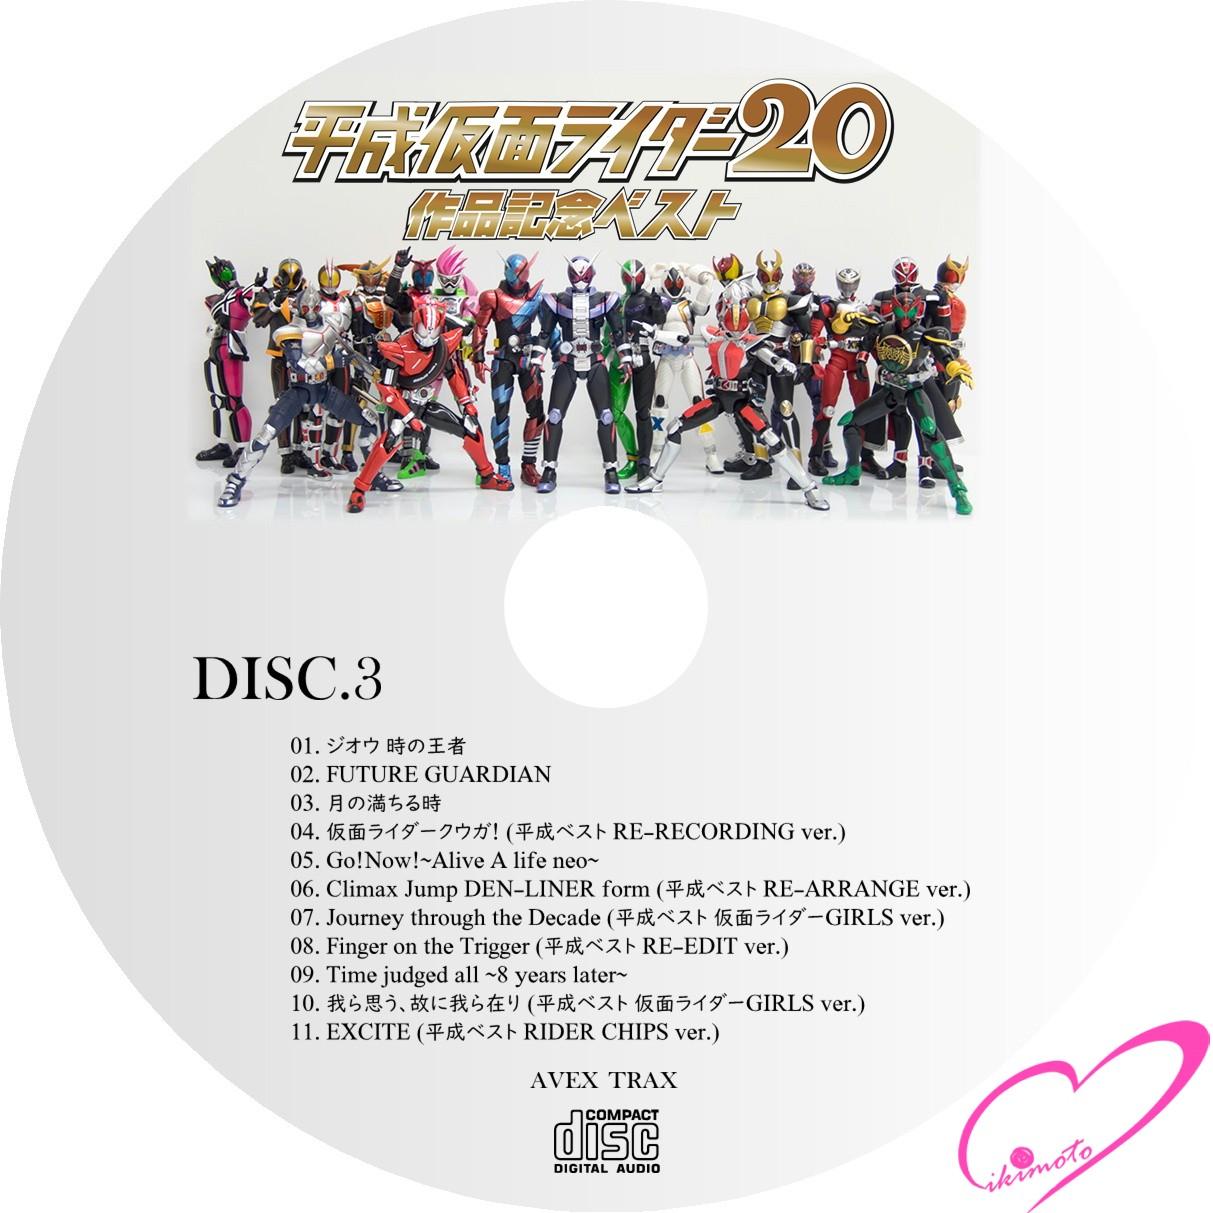 自己れ~べる - 平成仮面ライダー20作品記念ベスト